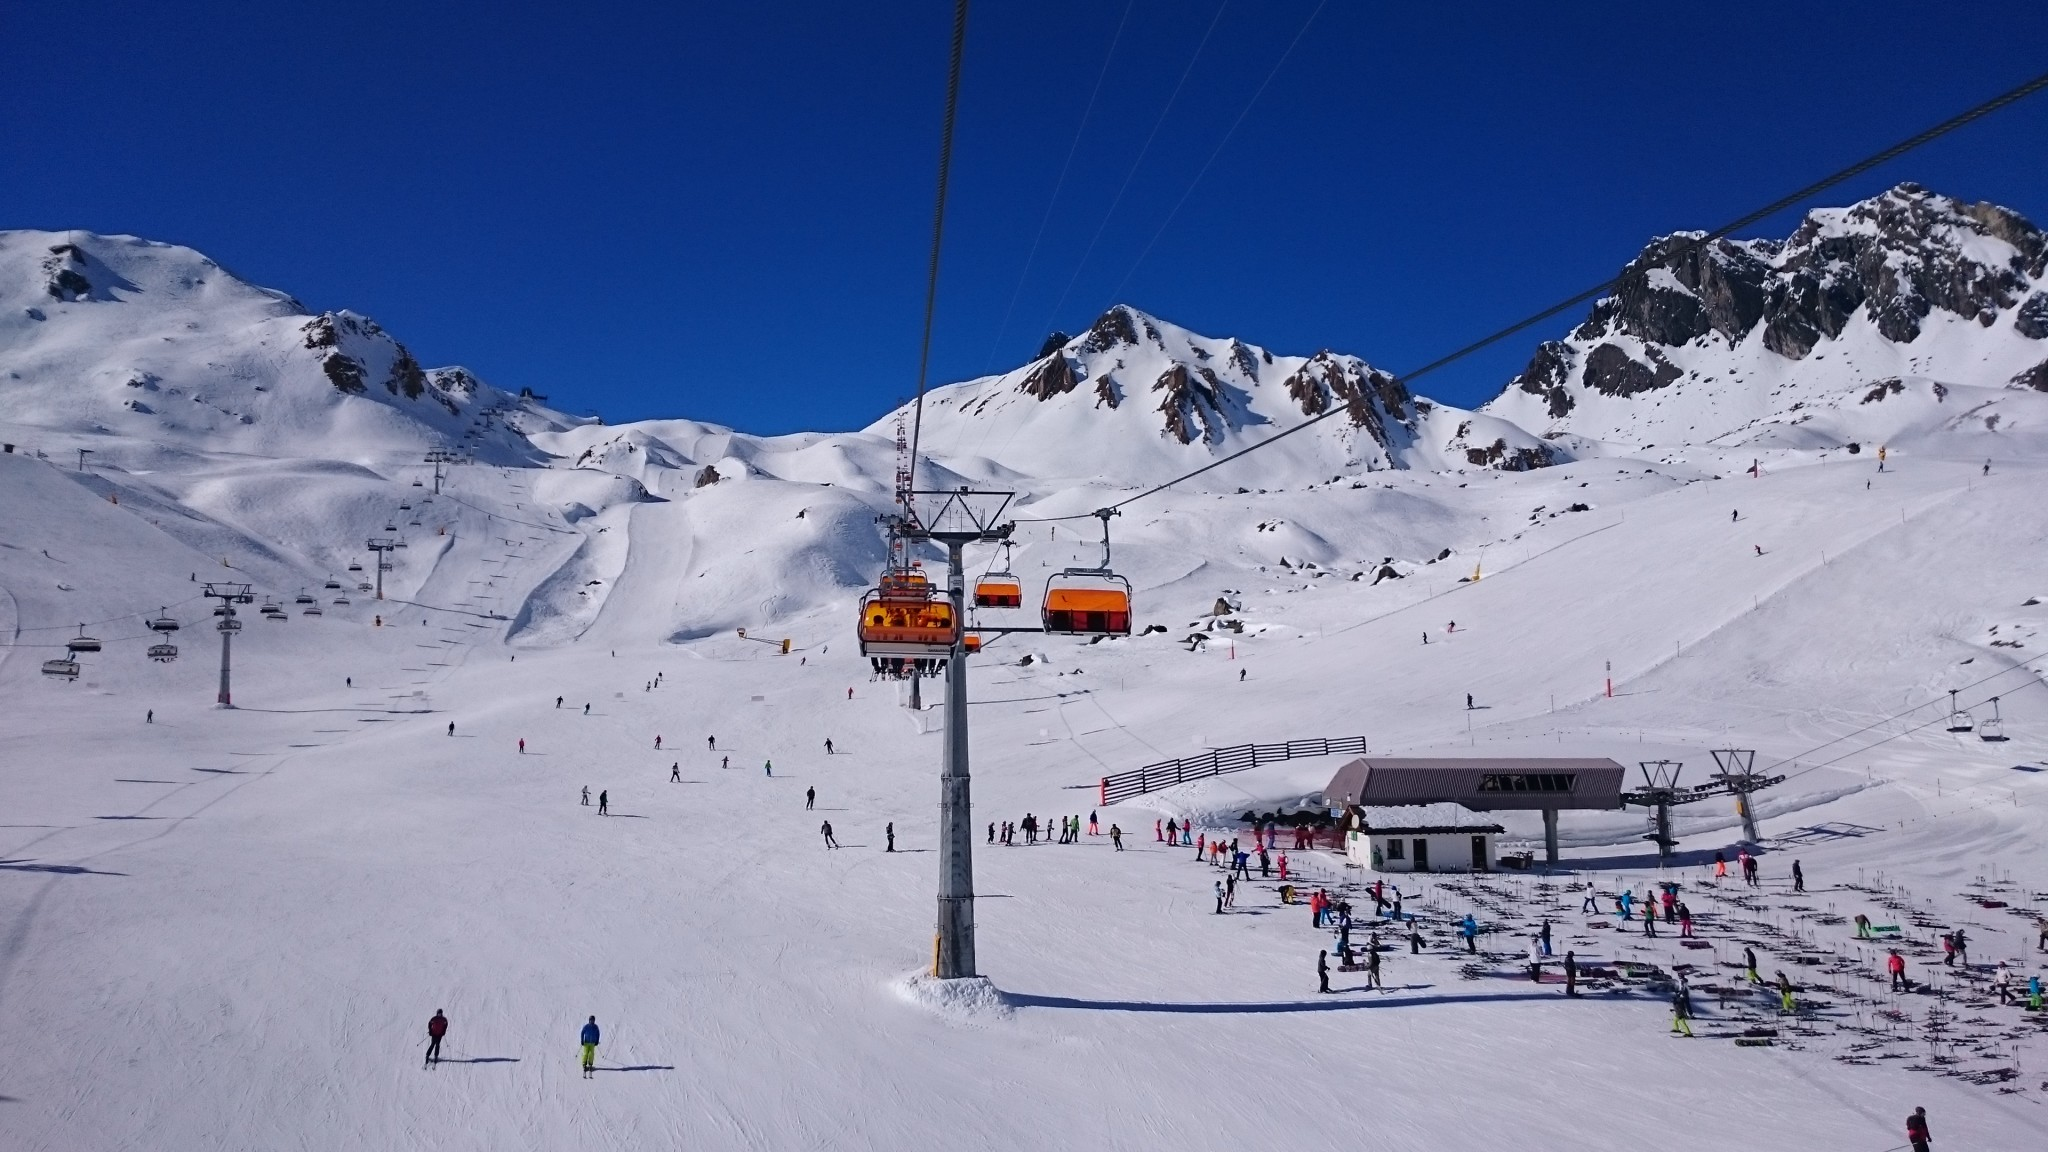 Skigebiet Samnaun Silvretta Bergbahnen - Pistenrettung und Recht